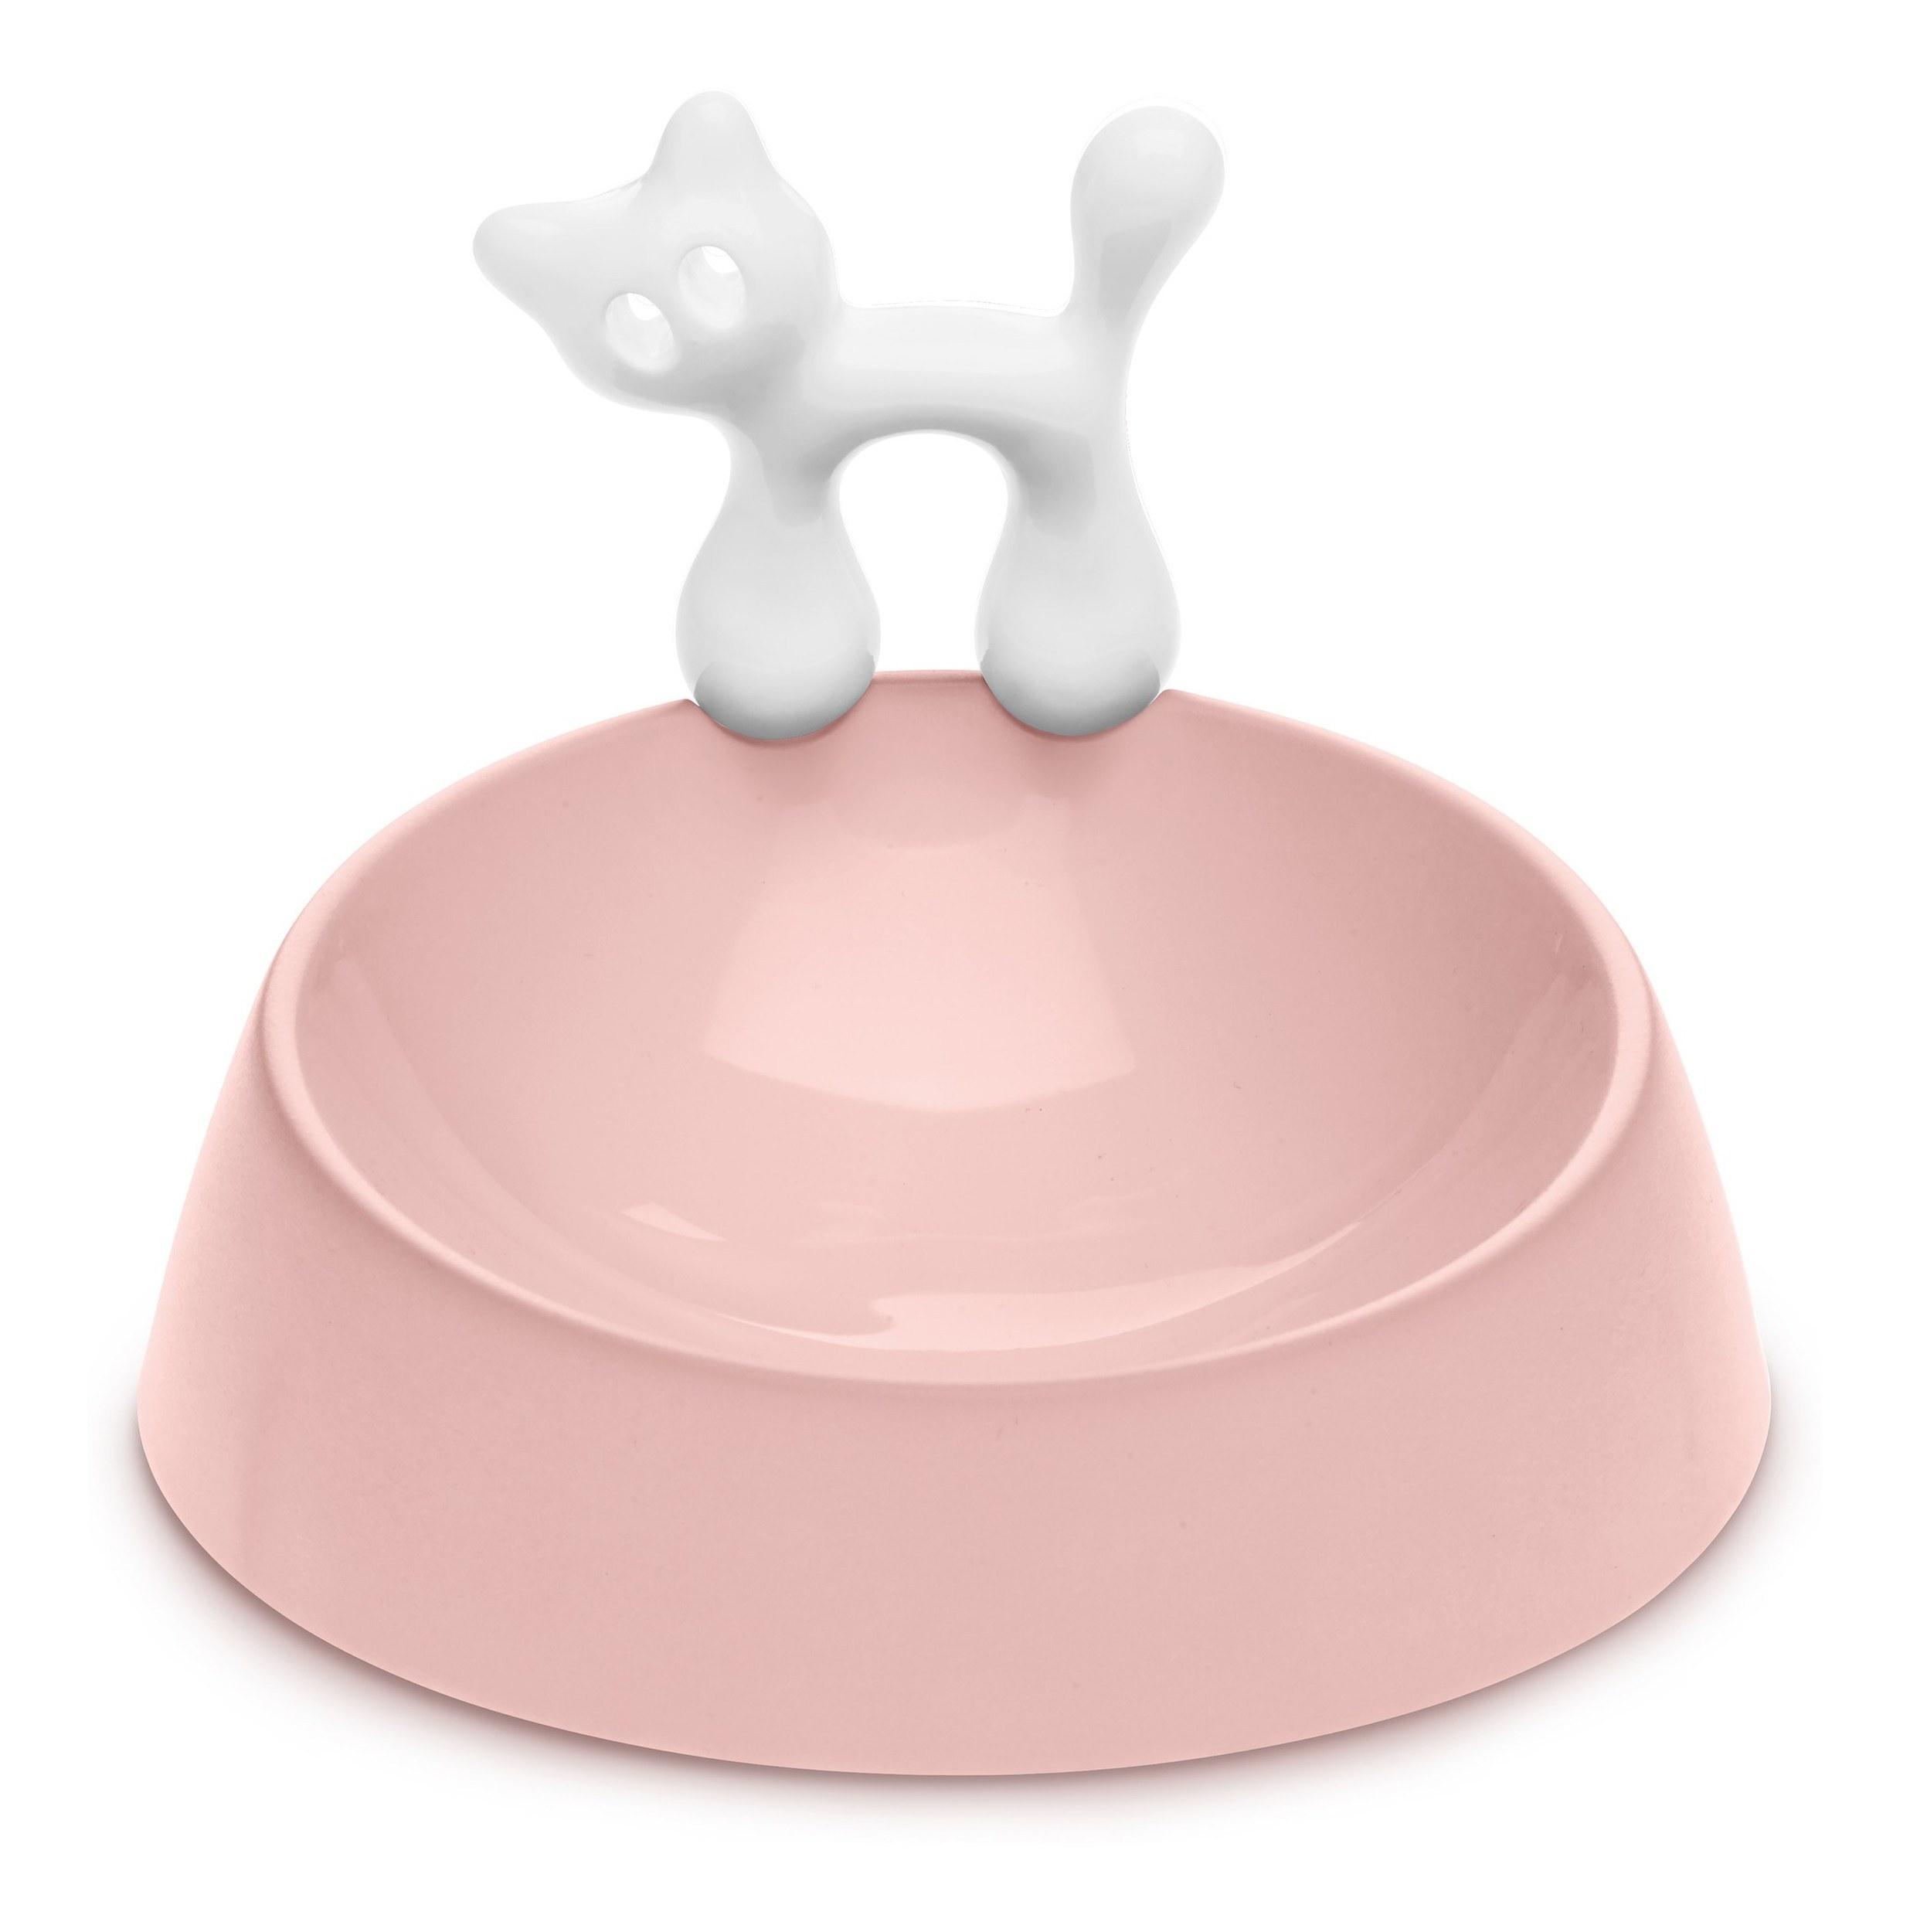 Miska dla kota Miaou pastelowy róż